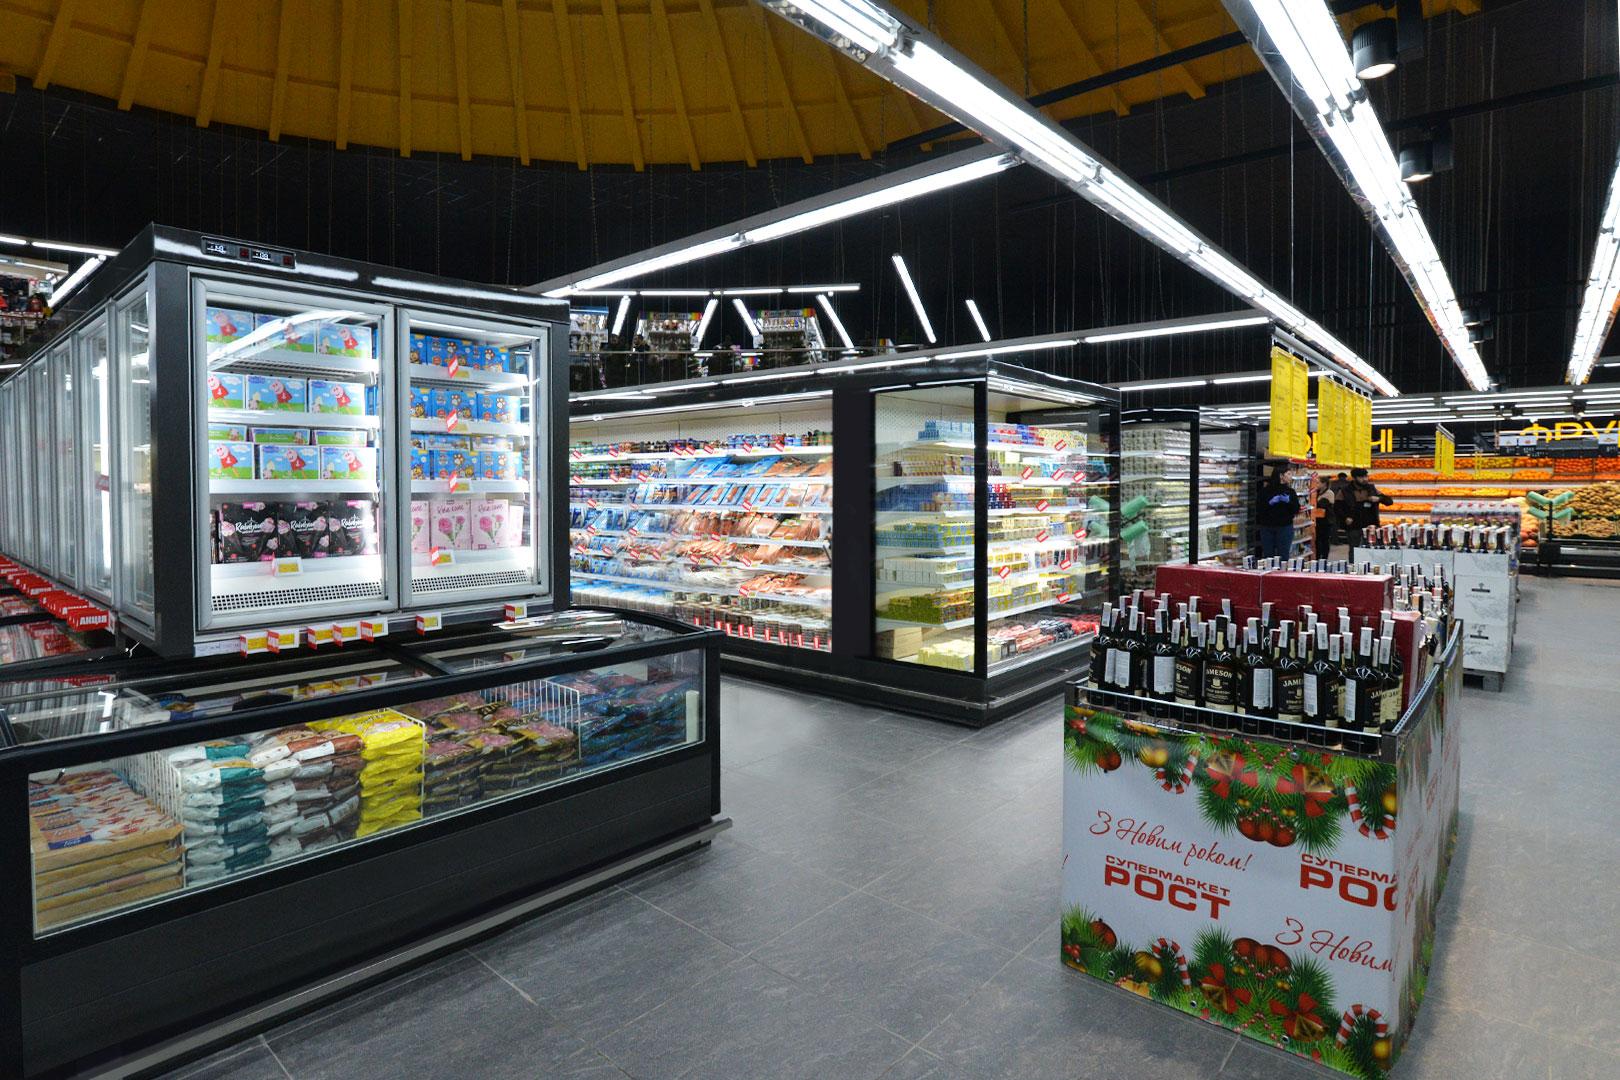 """Alaska combi 2 SD MHV 110 LT D/C 220-DLM frozen foods units, Indiana MV 100 MT O 220-DLM multideck cabinets in """"Rost"""" supermarket"""